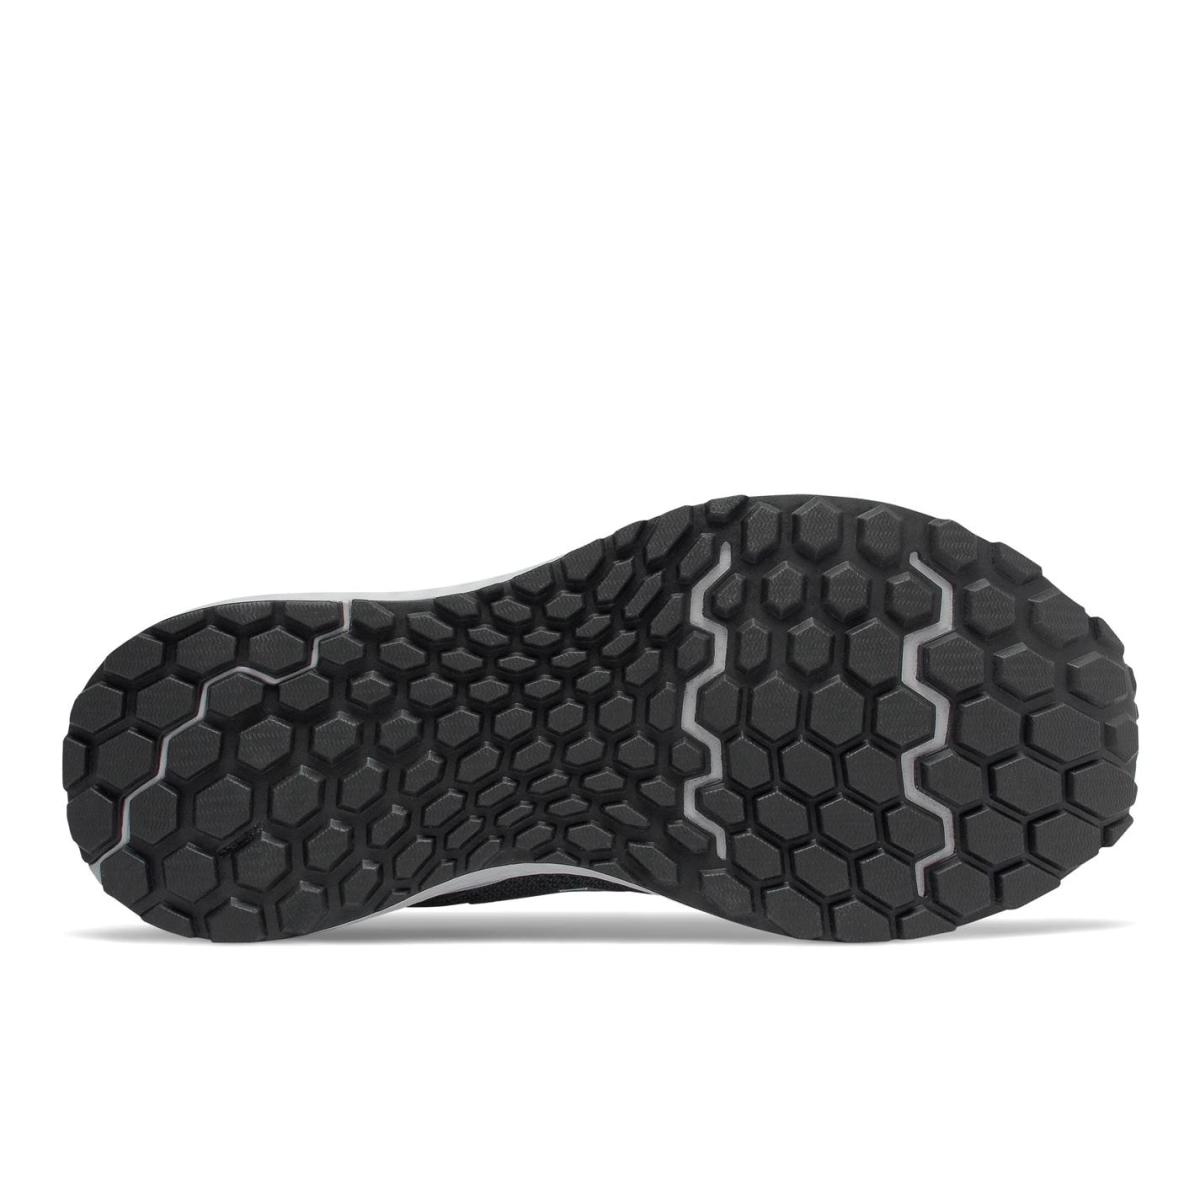 New-Balance-W520-Turnschuhe-Damen-Sneaker-Sportschuhe-Laufschuhe-1161 Indexbild 3